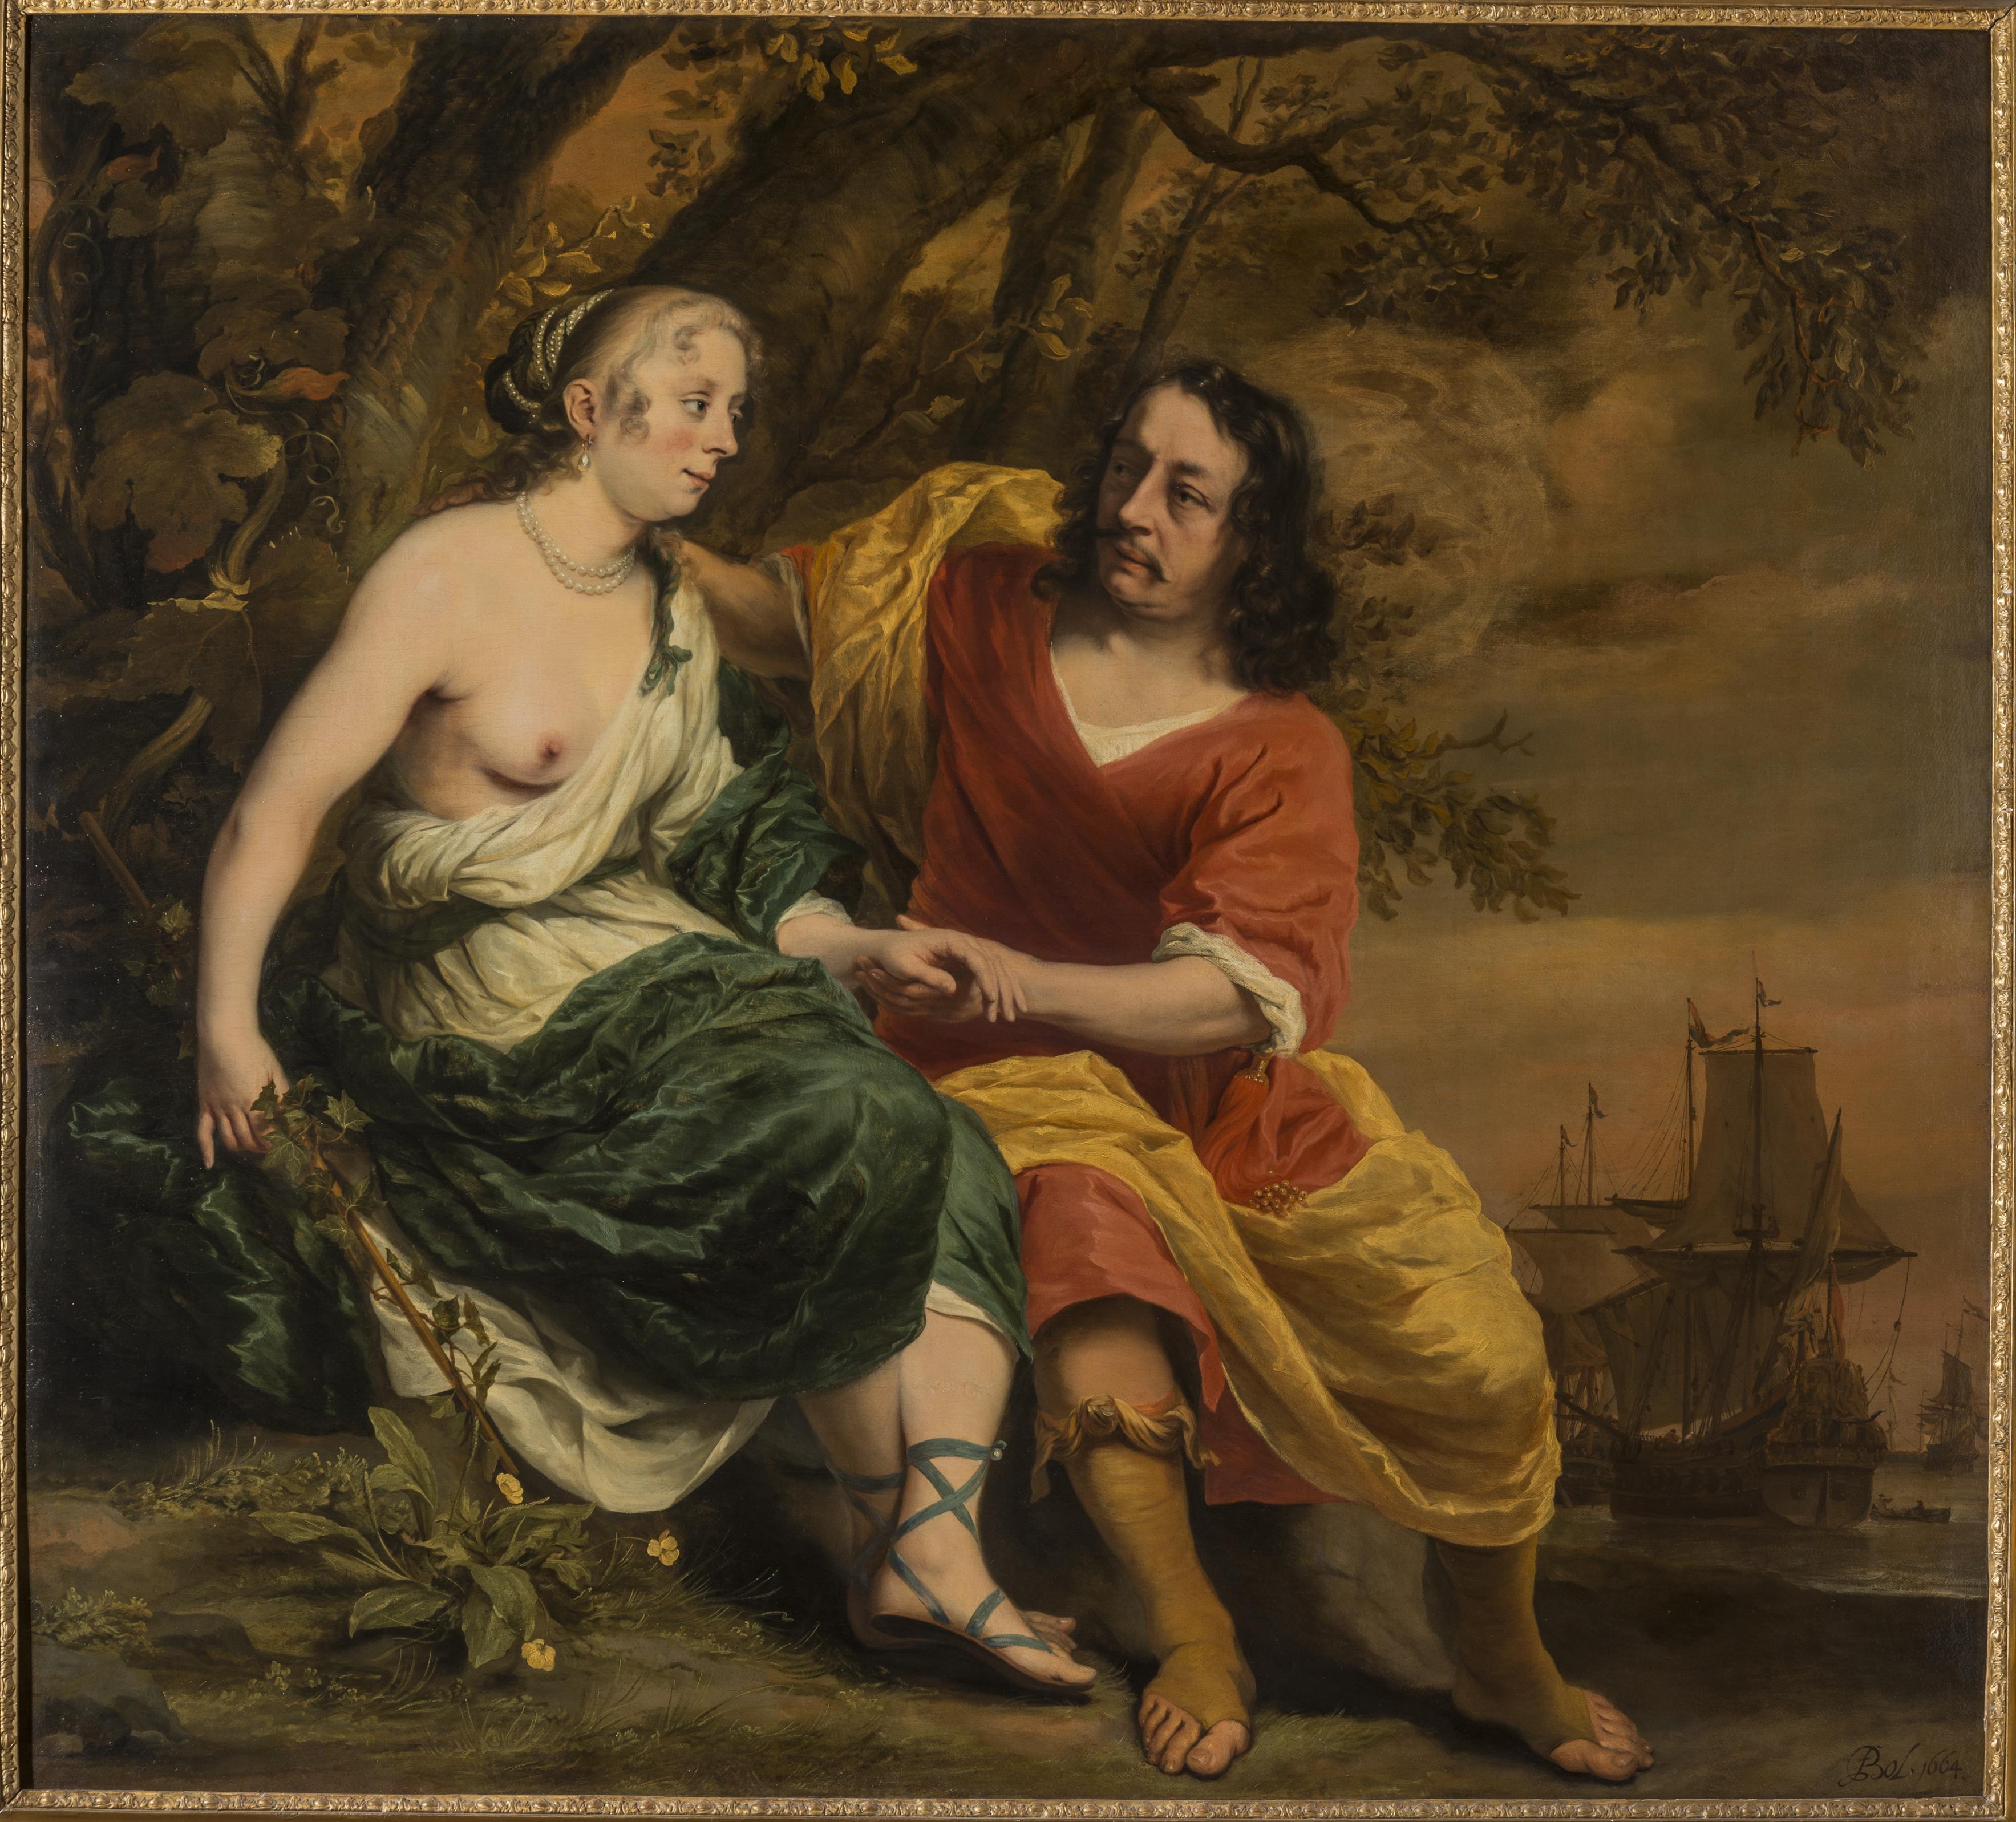 Portrait historié van een onbekend paar